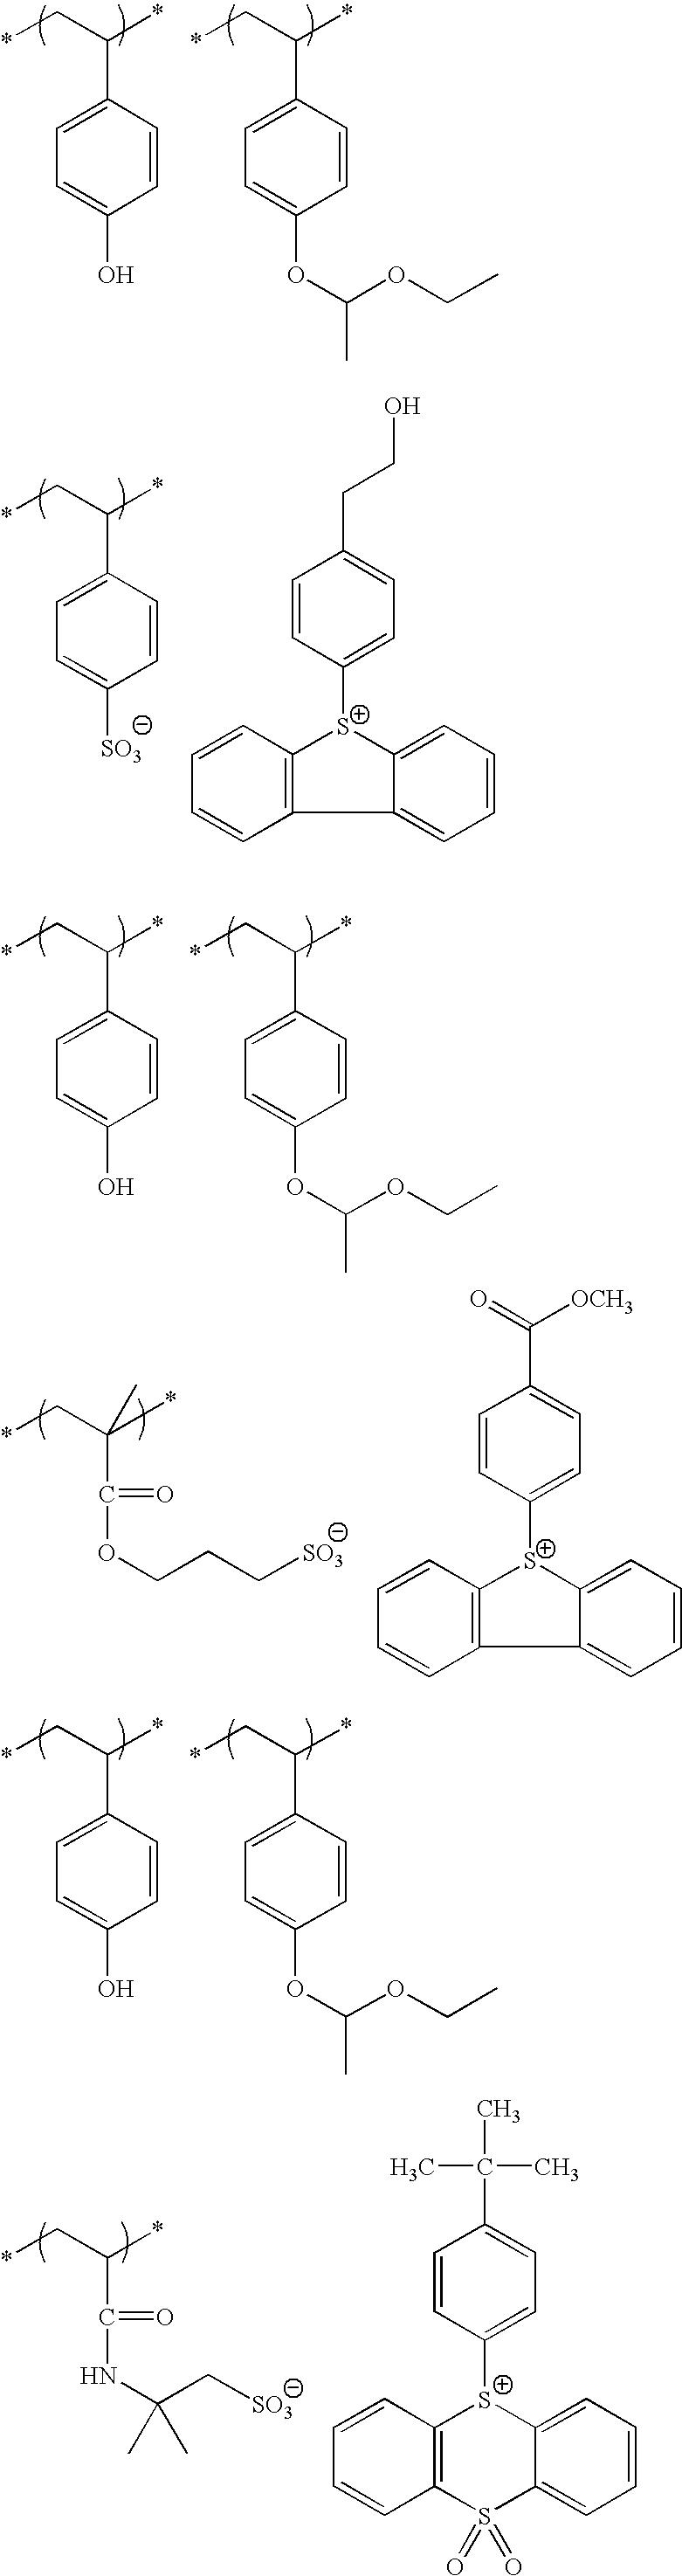 Figure US08852845-20141007-C00146